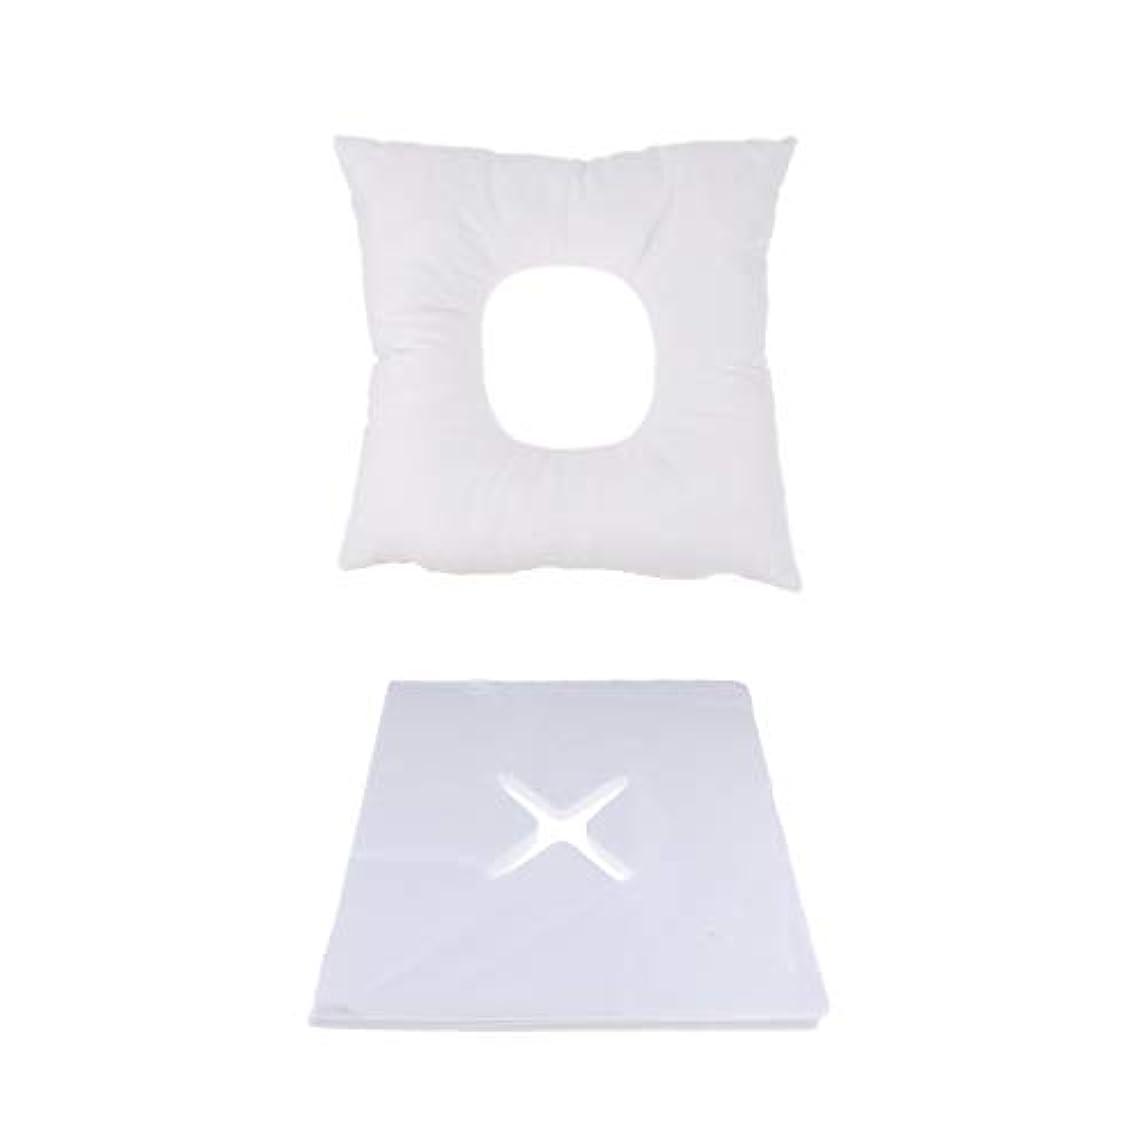 自分のために進行中快いP Prettyia マッサージ用クッション マッサージ枕 顔枕 フェイスマット 200個使い捨てピローカバー付 快適